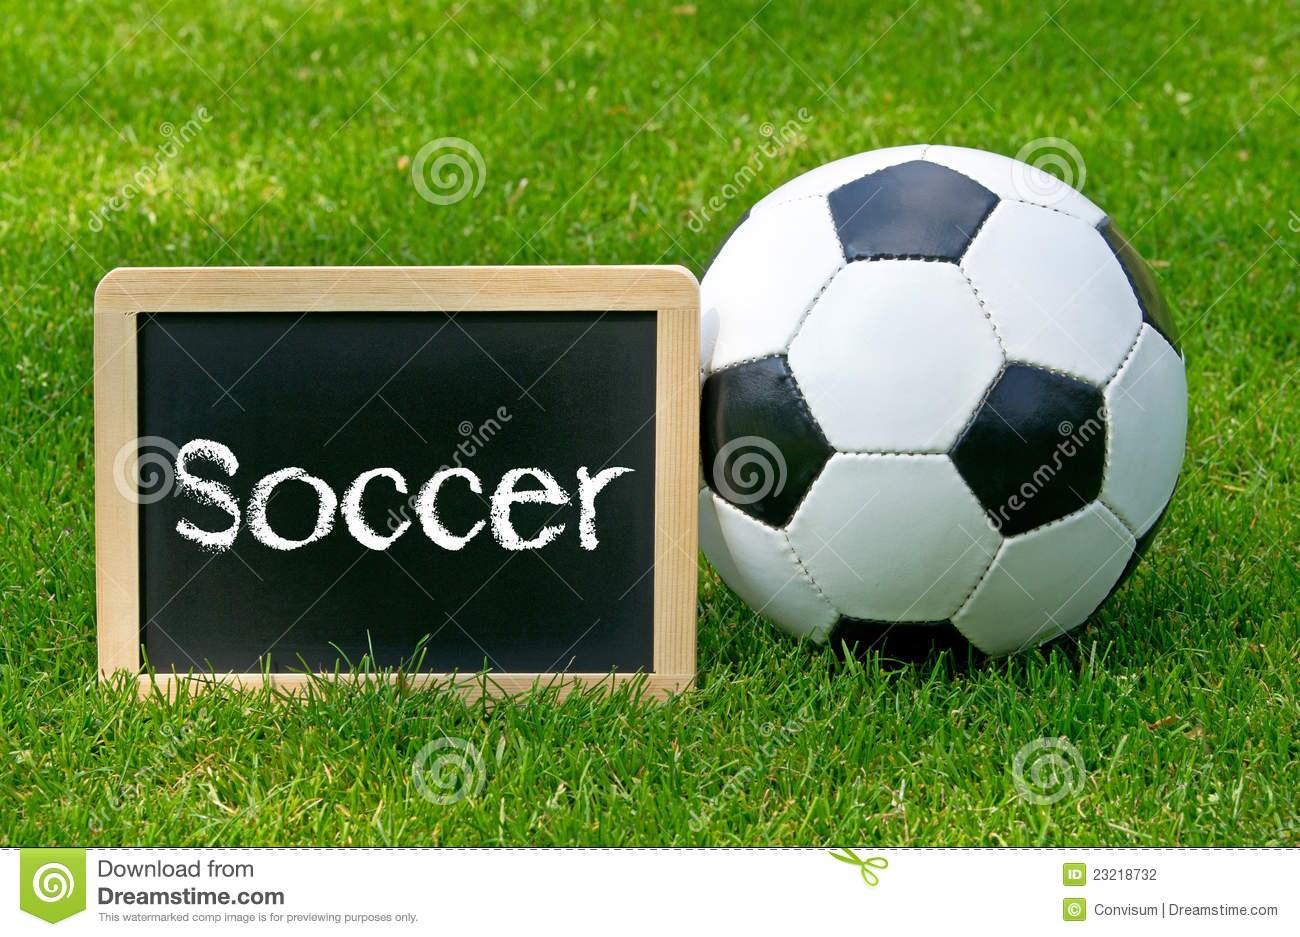 soccer-ball-sign-grass-23218732.jpg